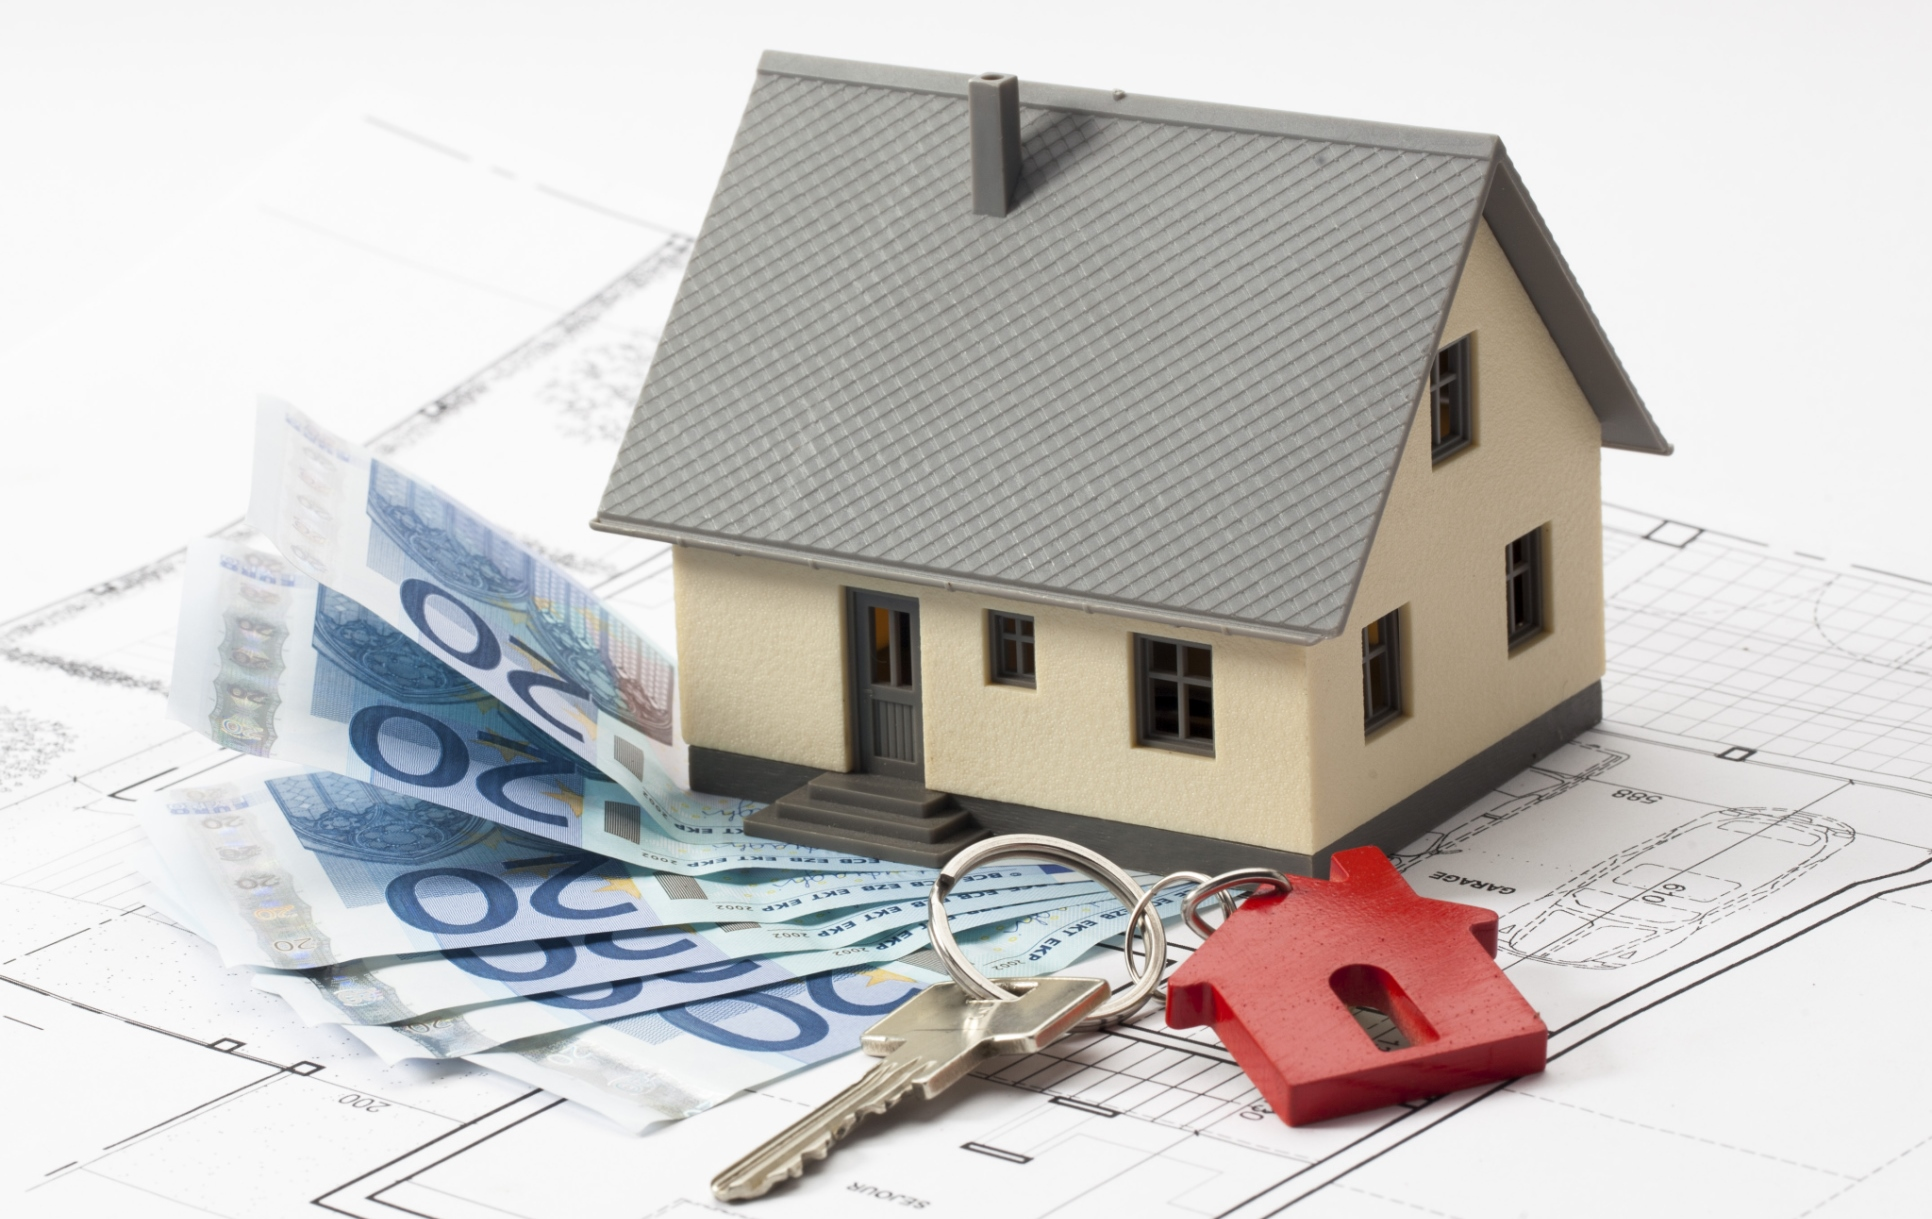 Mutuo casa e ristrutturazioni a tasso fisso aquistare e for Come faccio a ottenere un prestito per costruire una casa